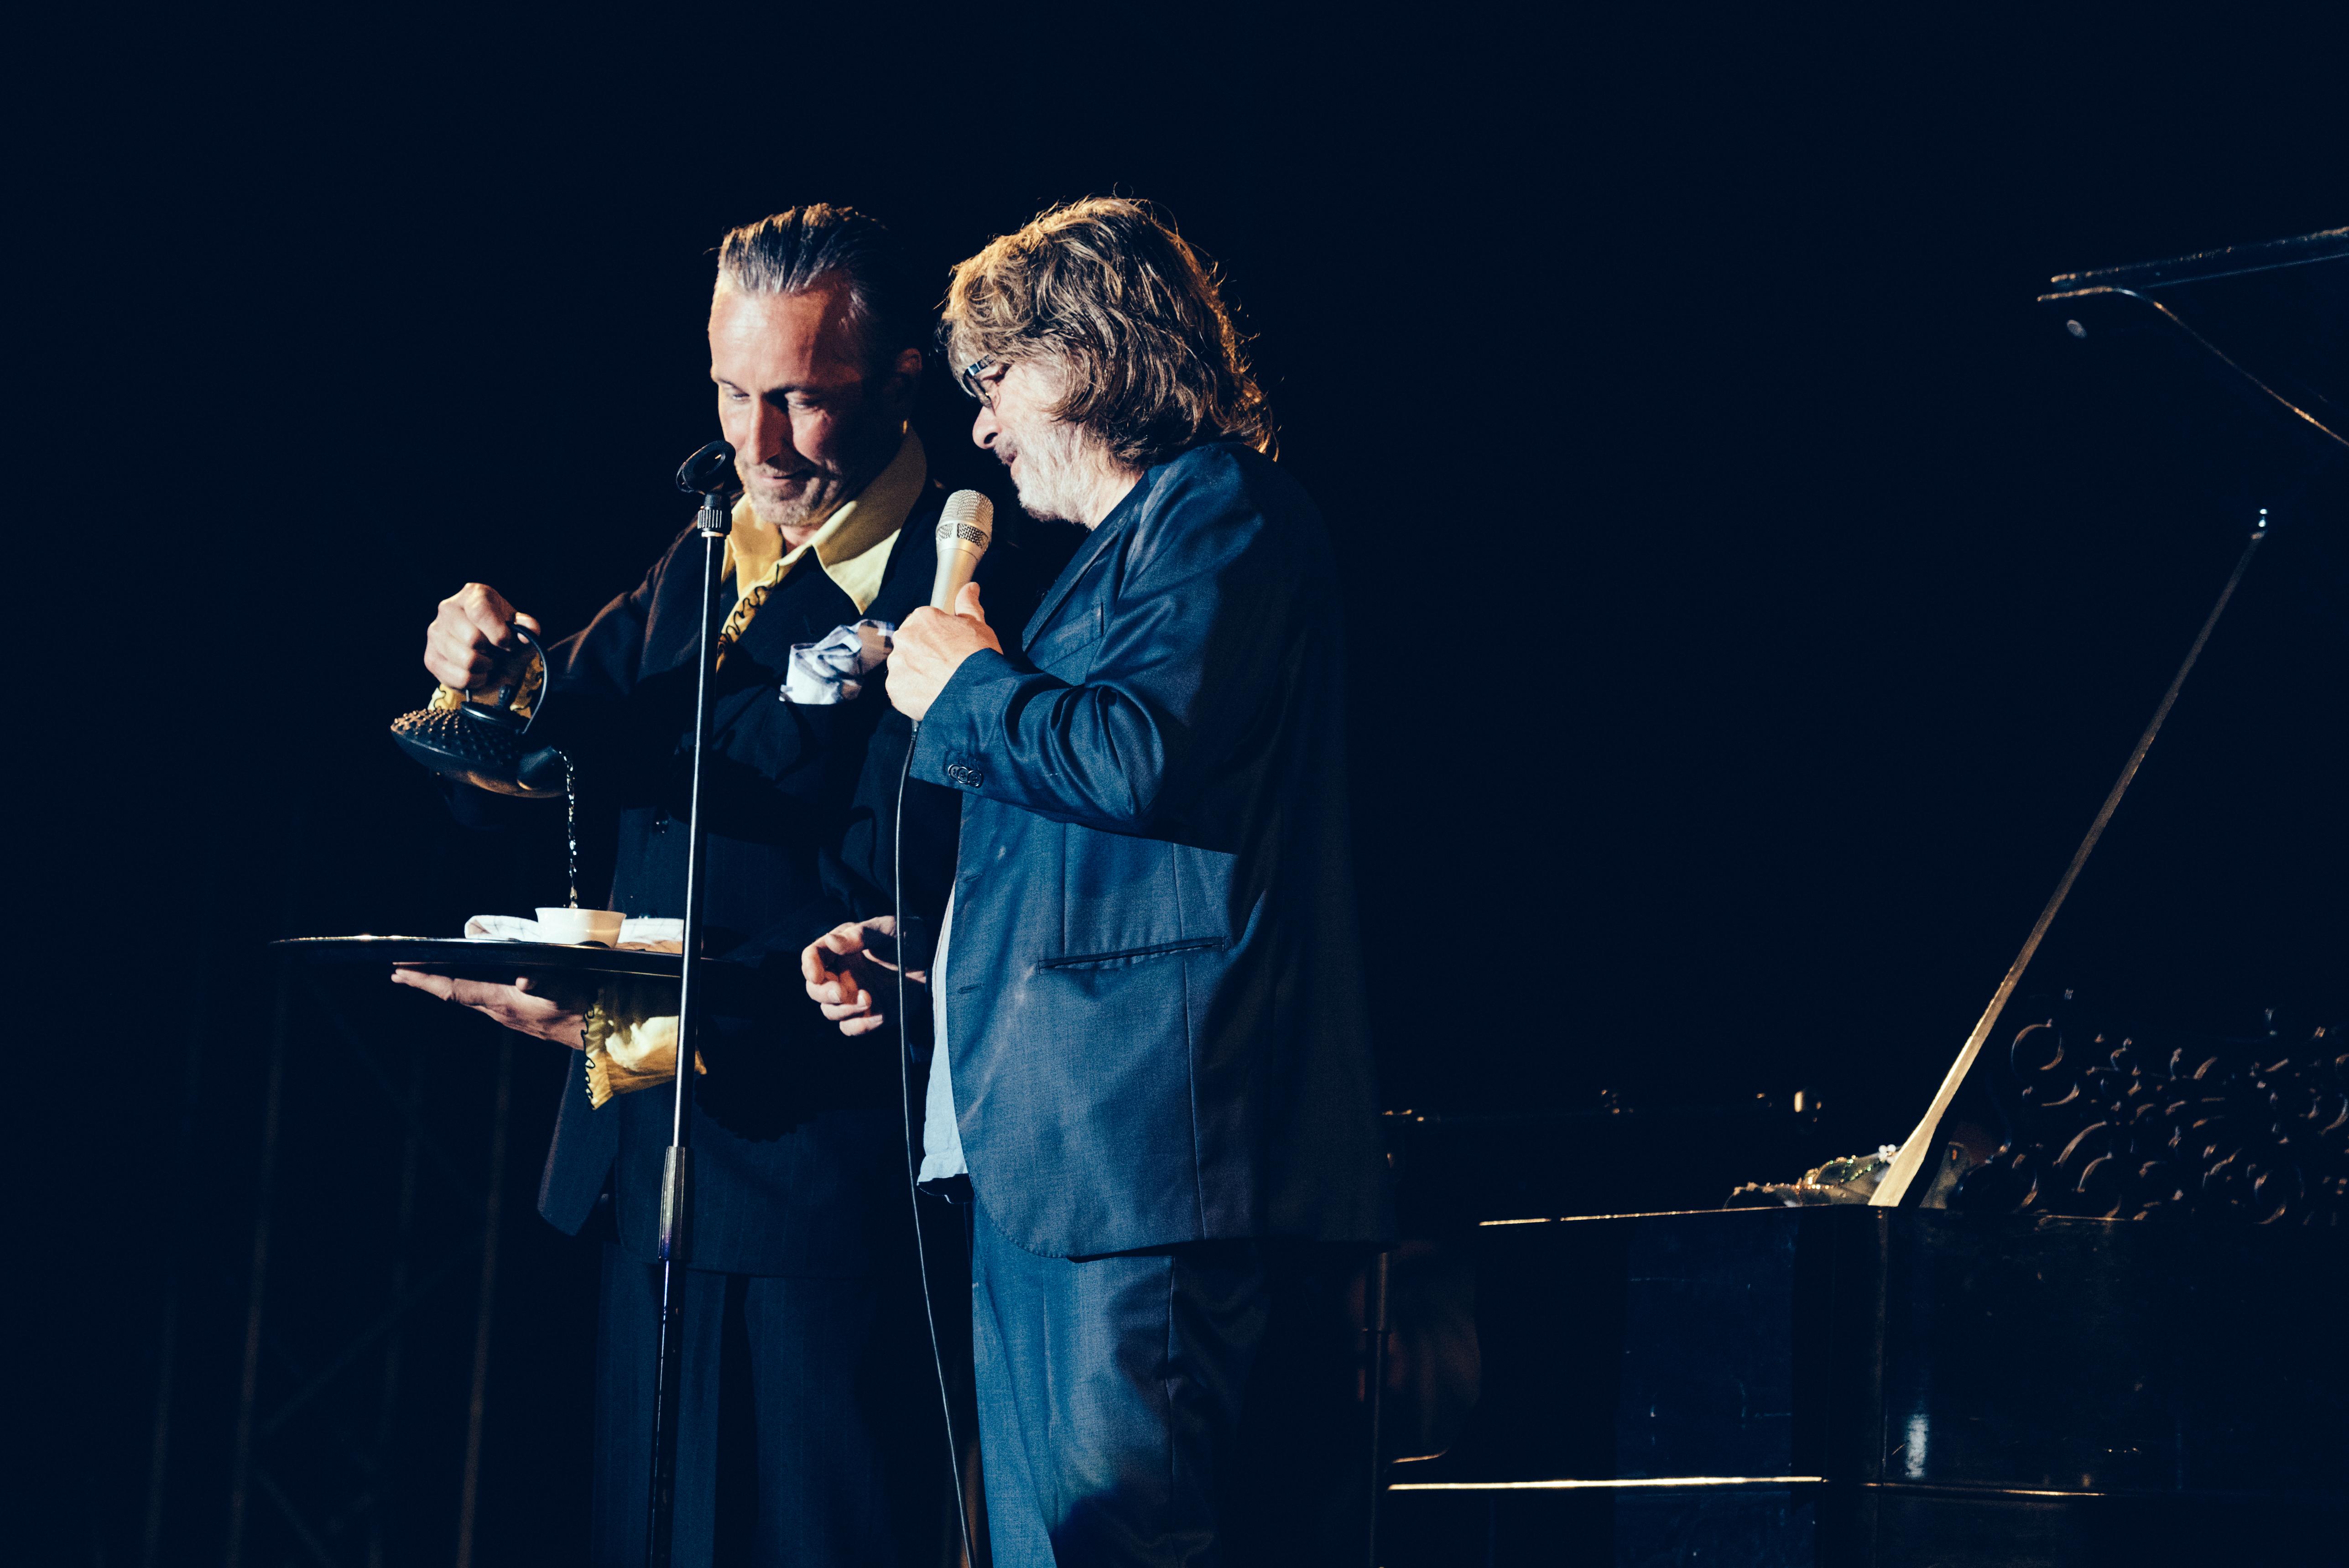 Helge Schneider, Zeltfestival Rhein-Neckar